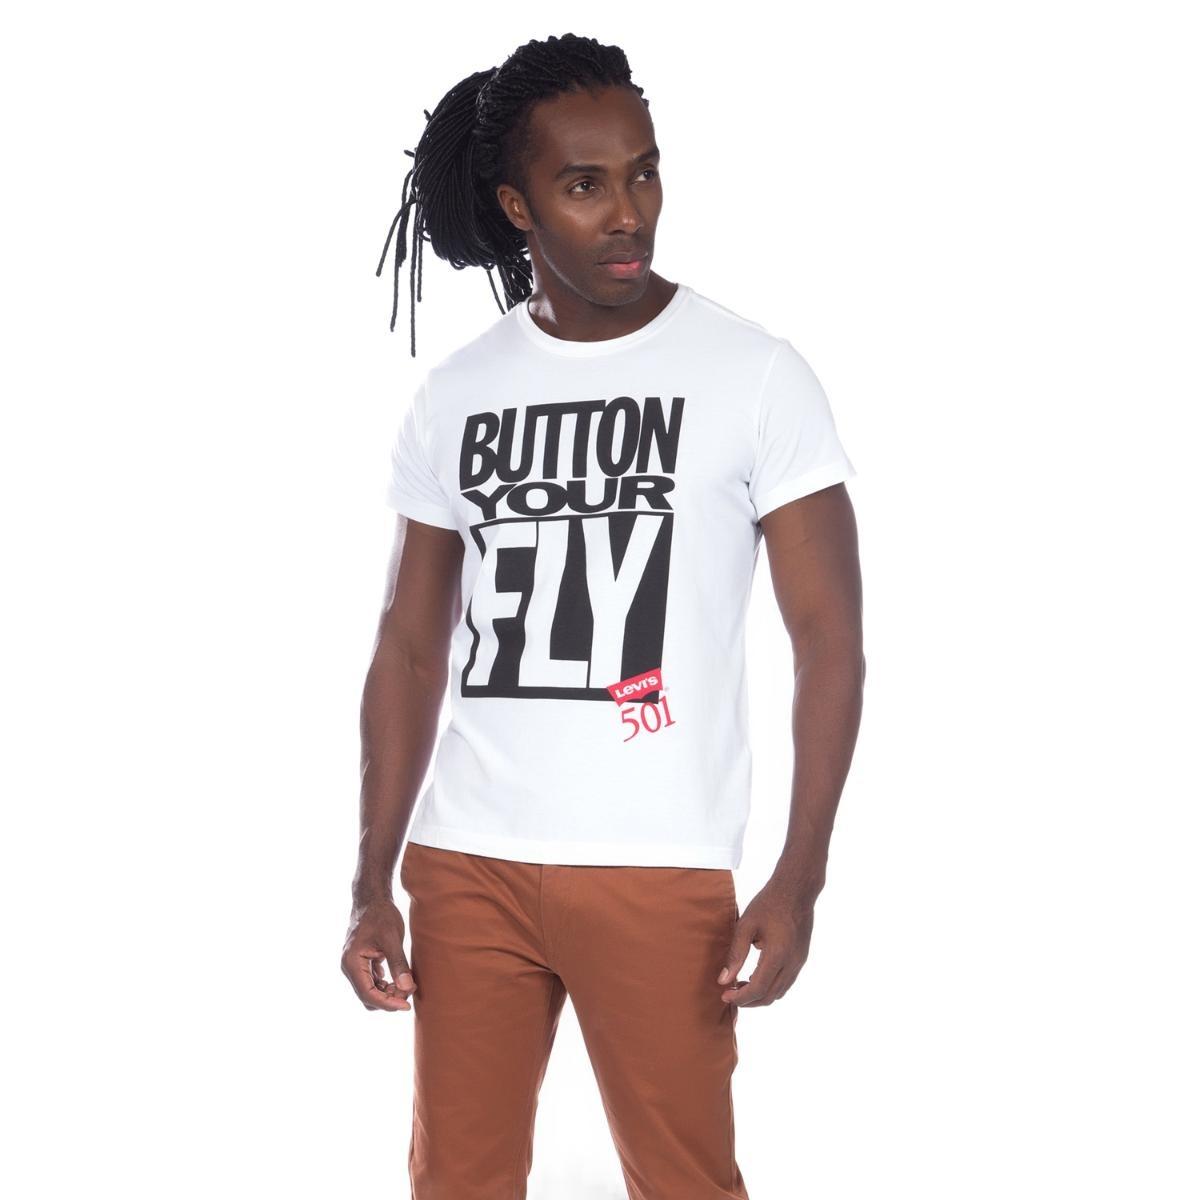 e4aa8c0dfe471 camiseta levis masculina sunset surplus graphic branca. Carregando zoom.